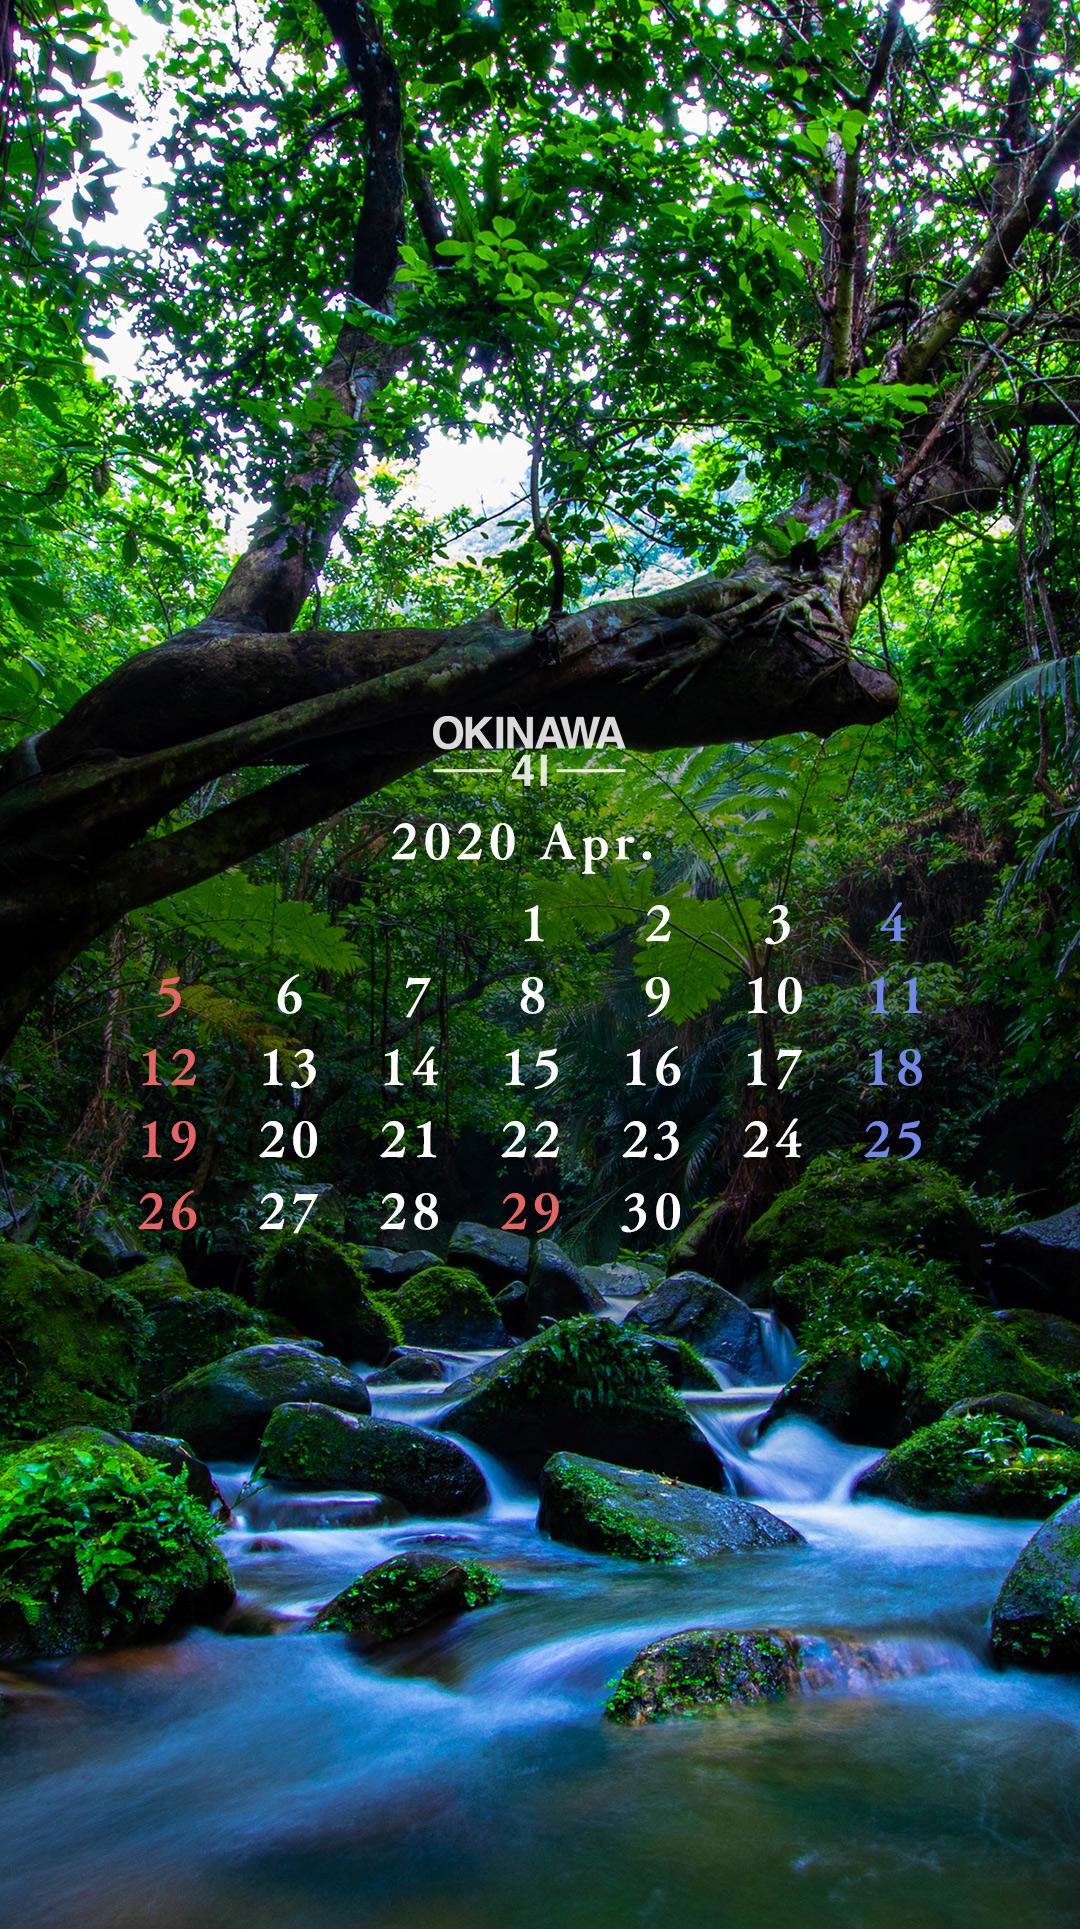 2020年4月のOKINAWA41カレンダー